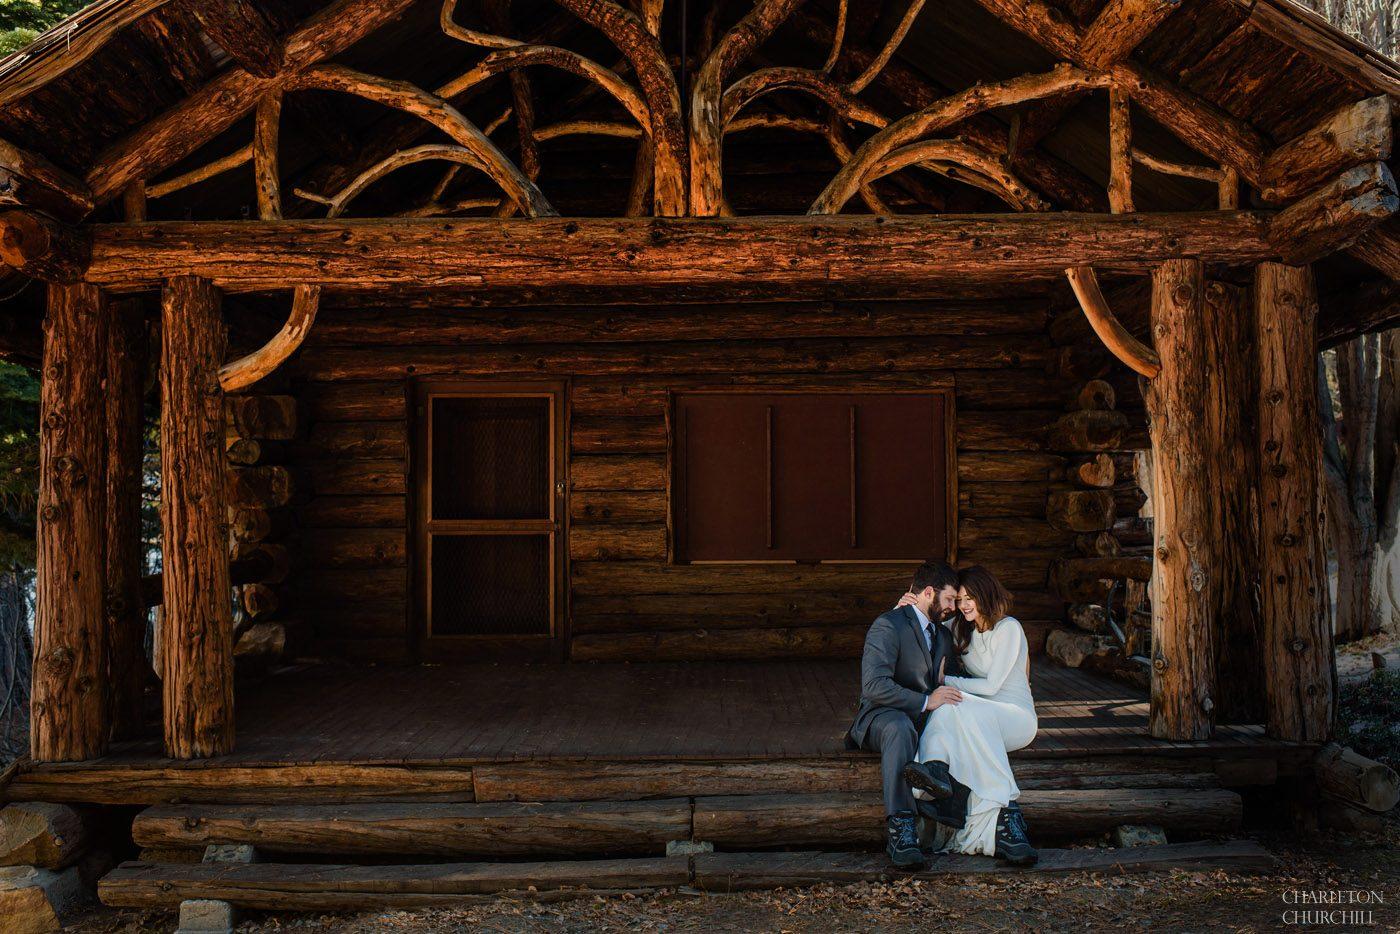 vahalla tahoe wedding couple on cabin in the woods on beach